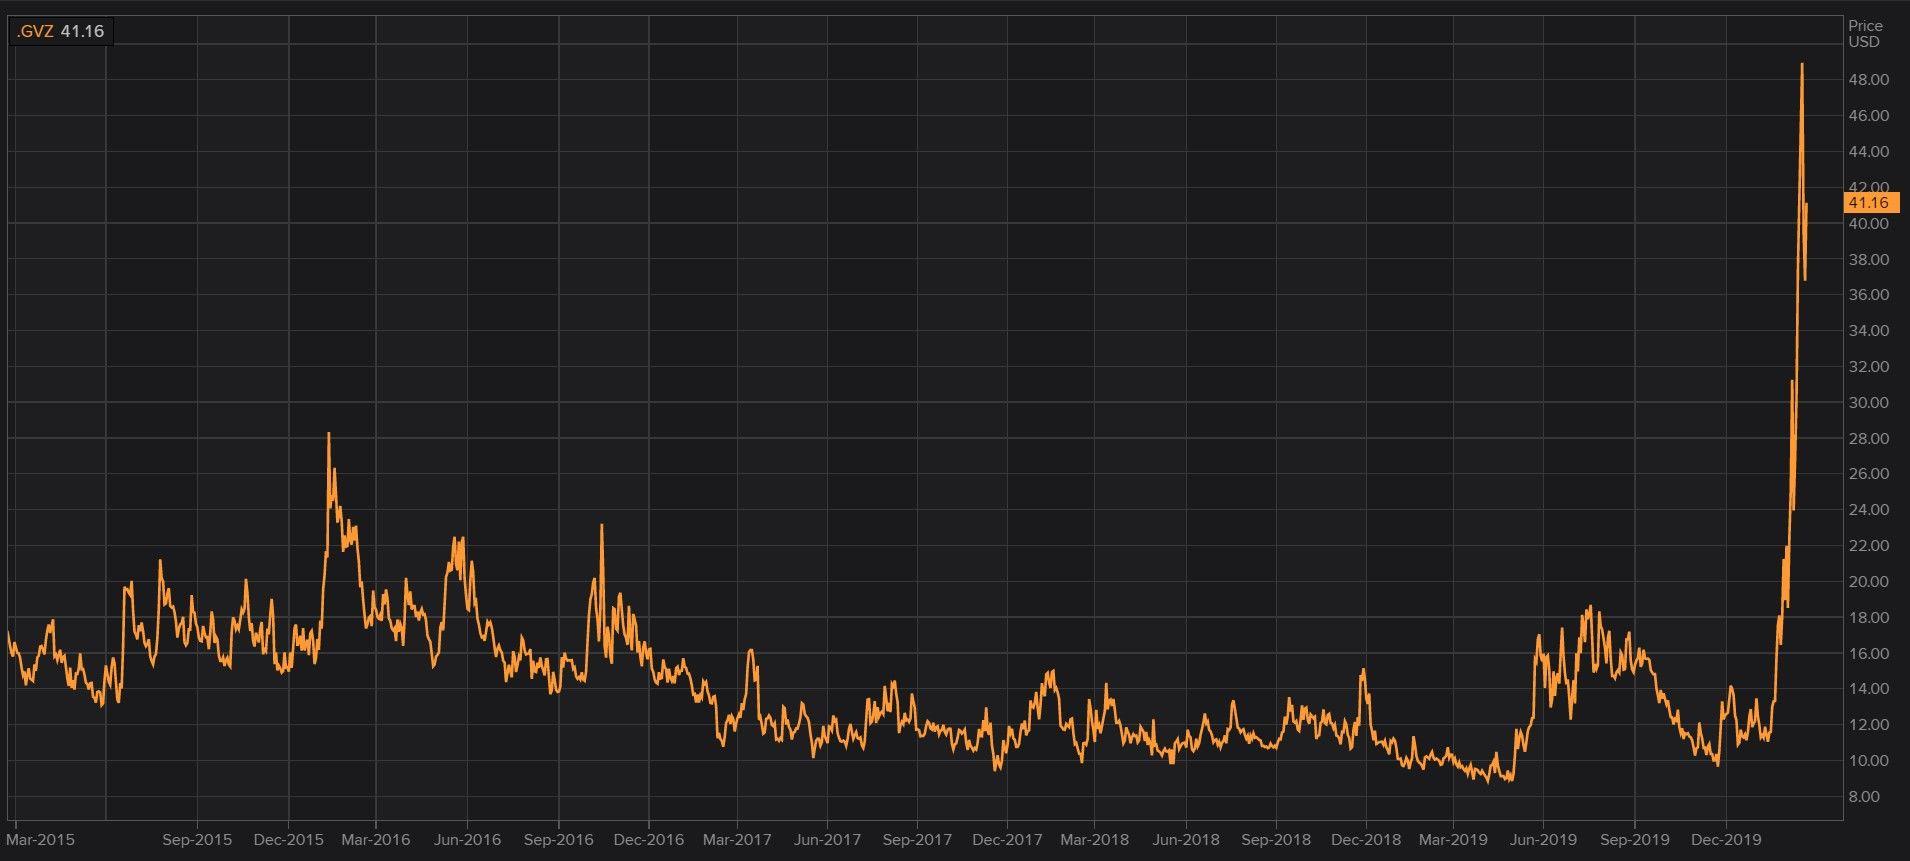 Oro. Valors de volatilidad más altos de 5 años